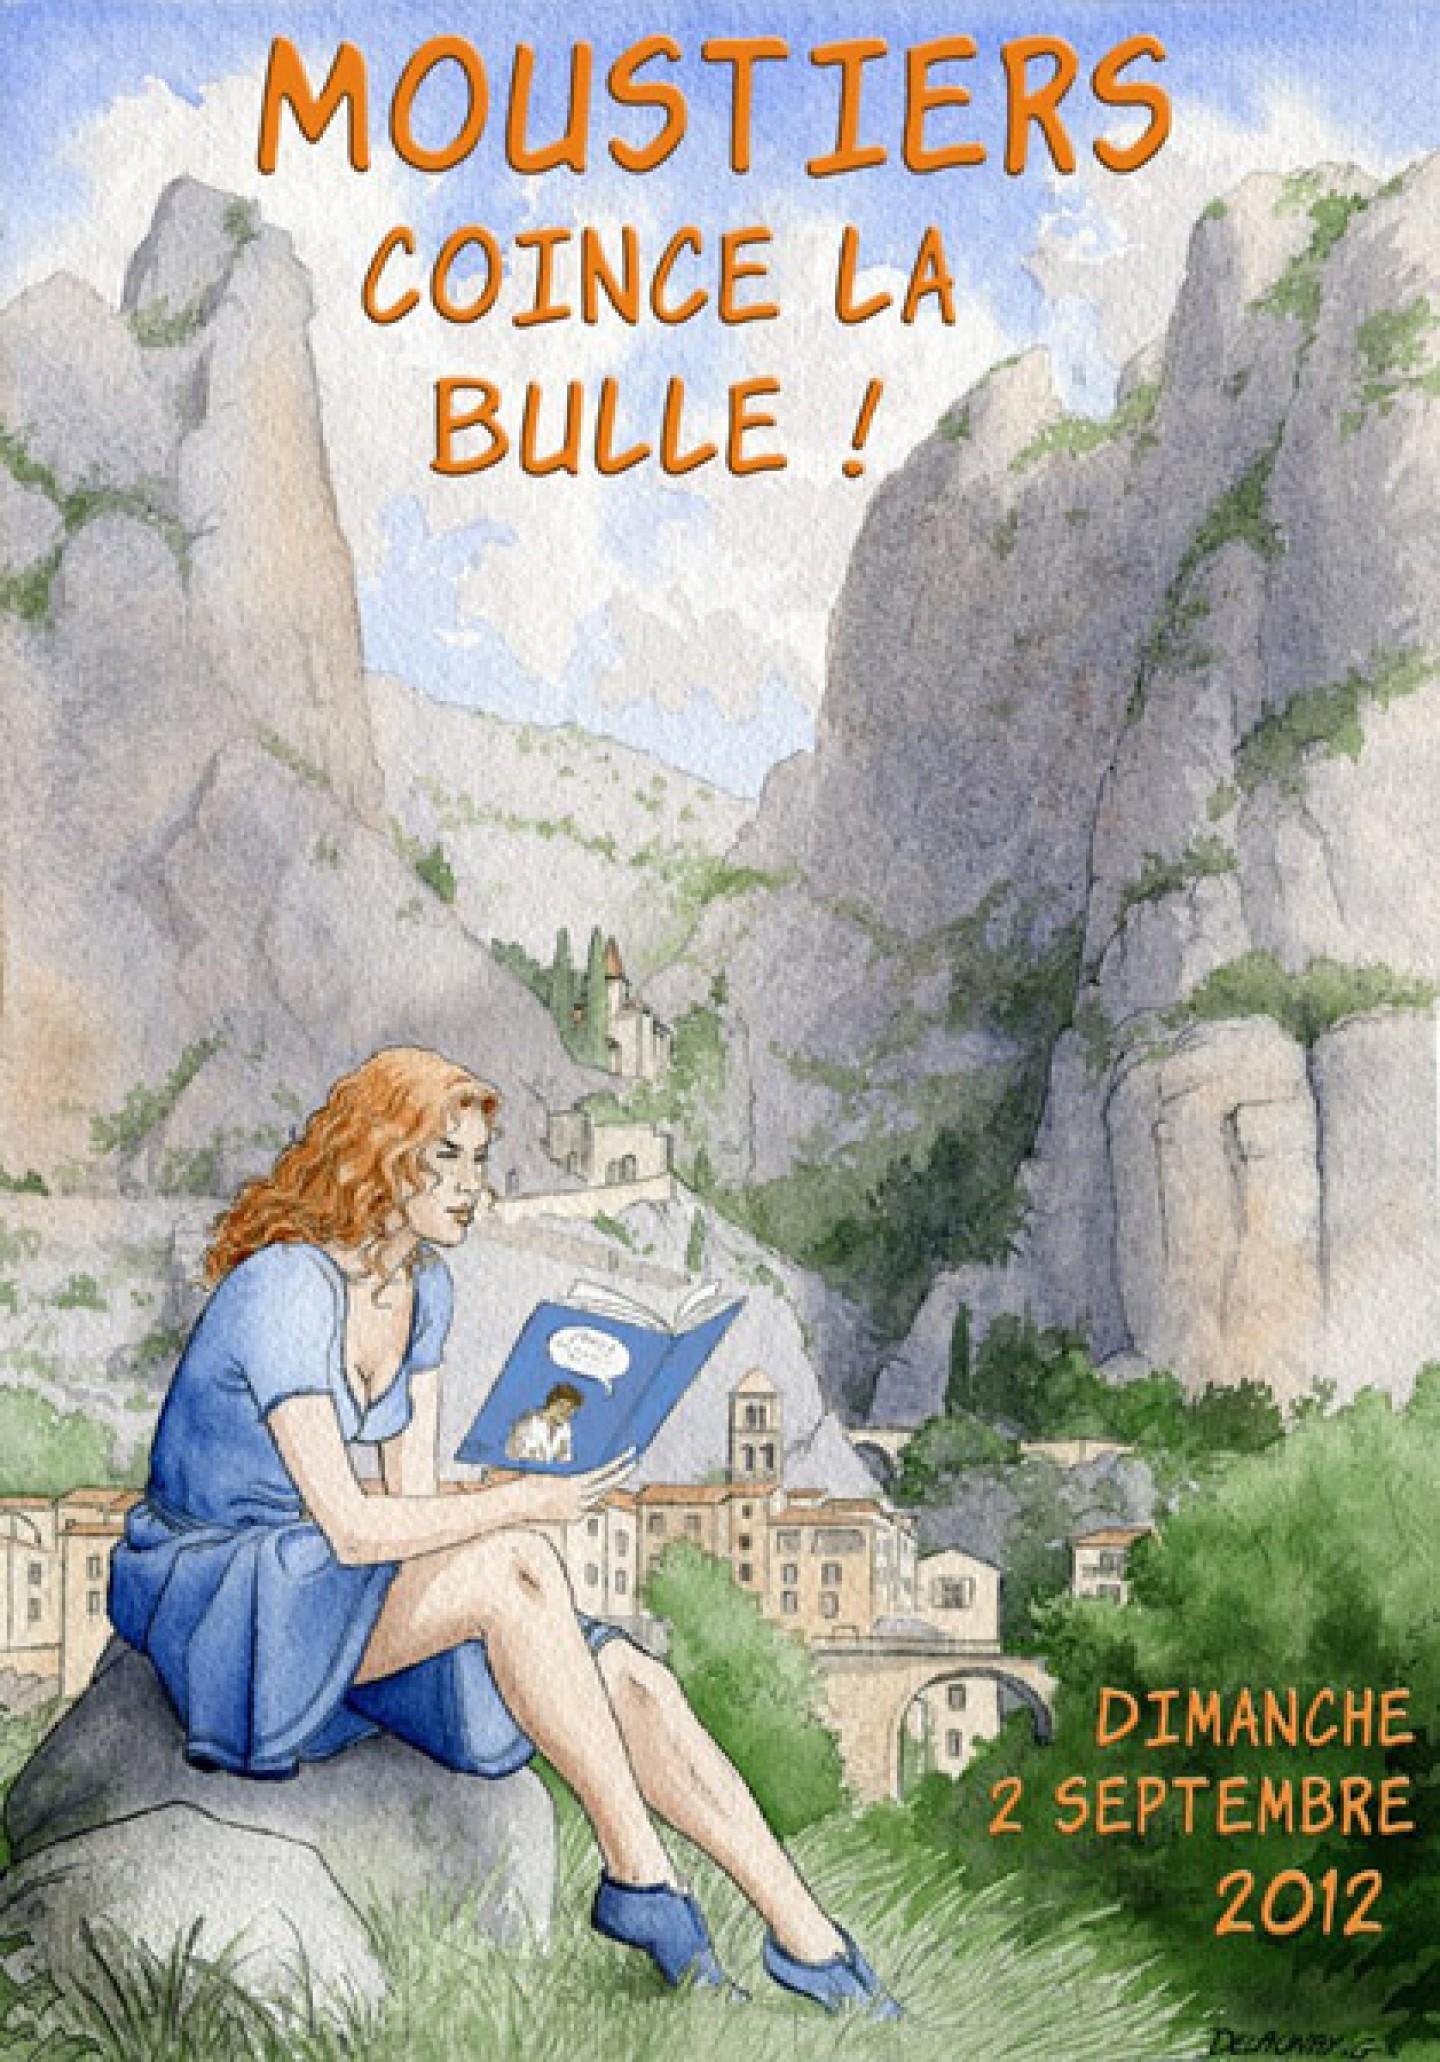 Moustiers coince la bulle à Moustiers-Sainte-Marie